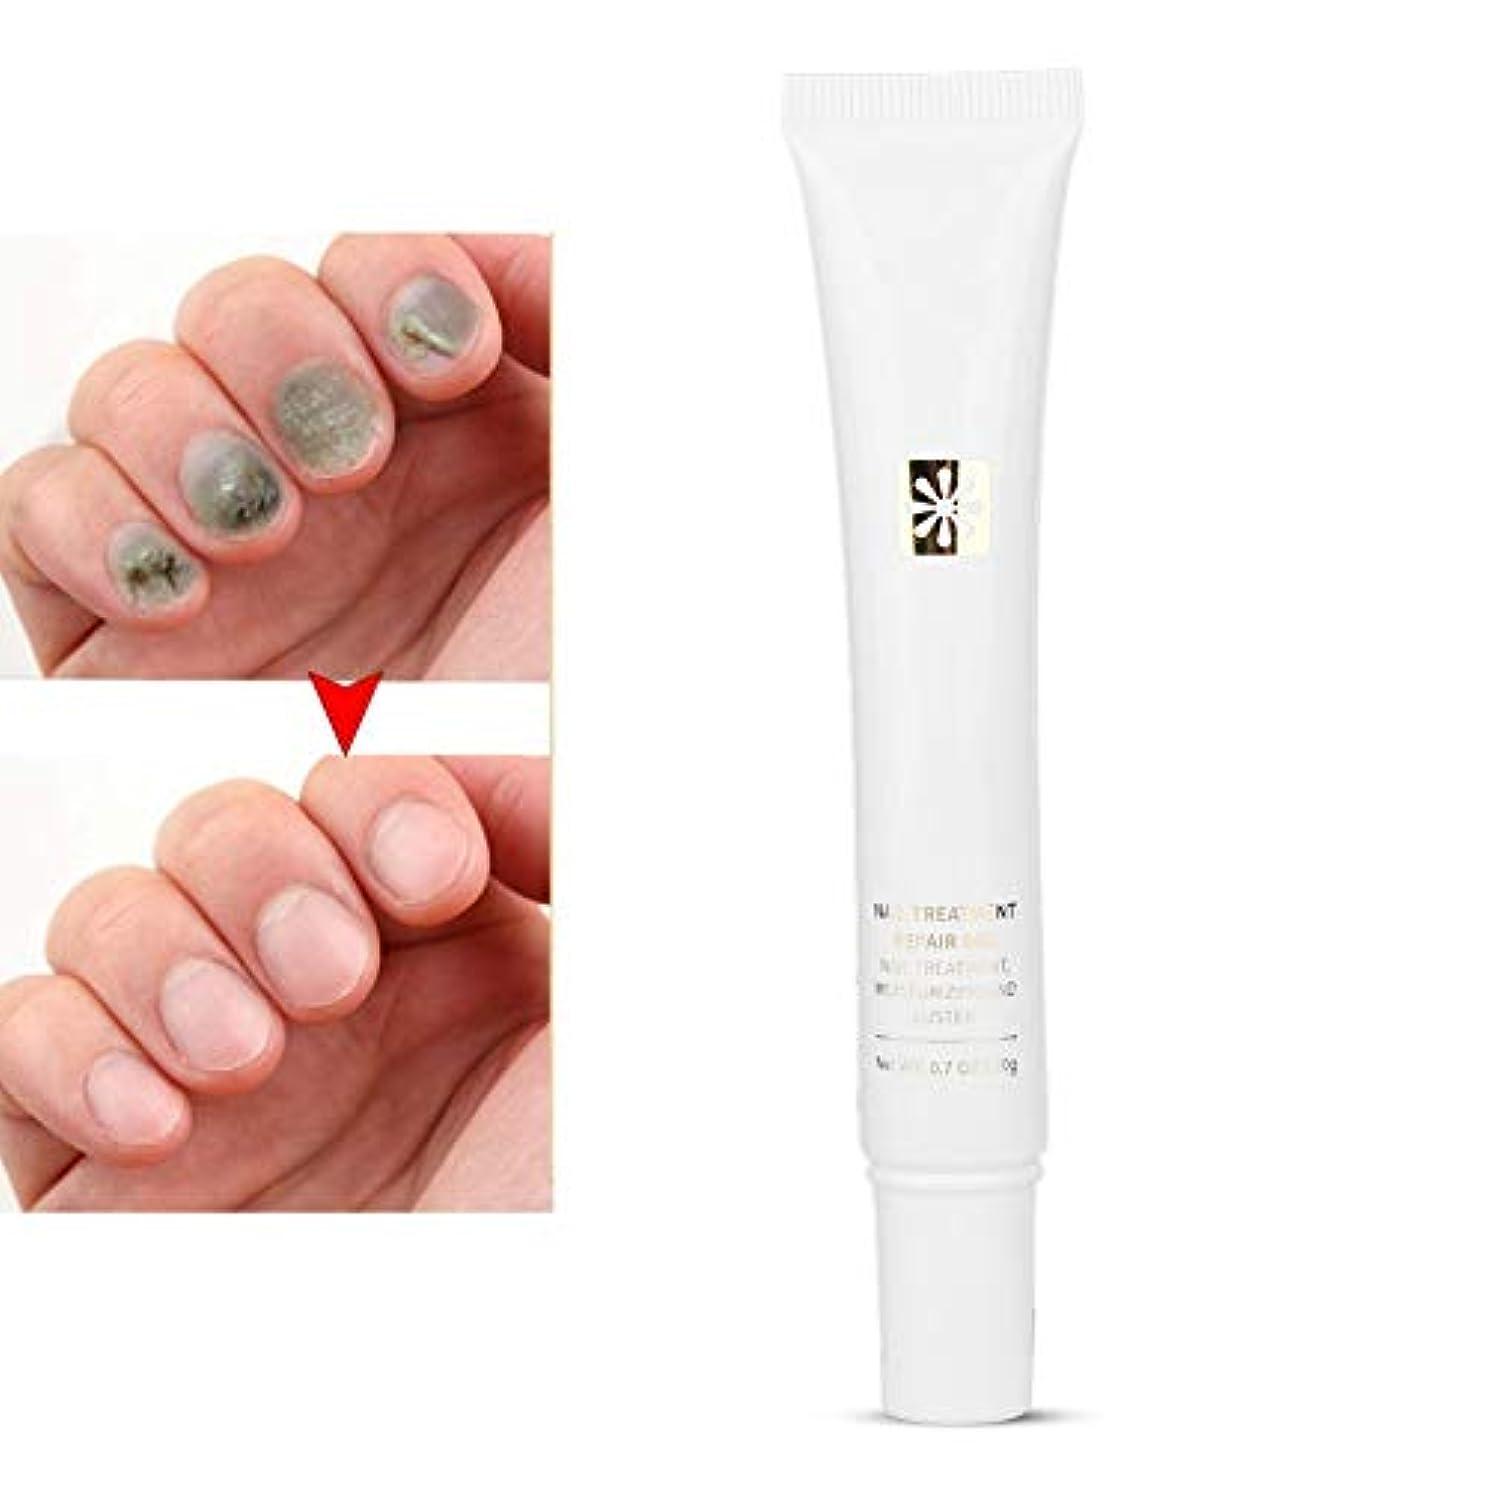 ロードされた税金ペアネイルケアクリーム、20g爪の補修霜の足のりのなめらかなダメージを受けた爪の回復に効果的です